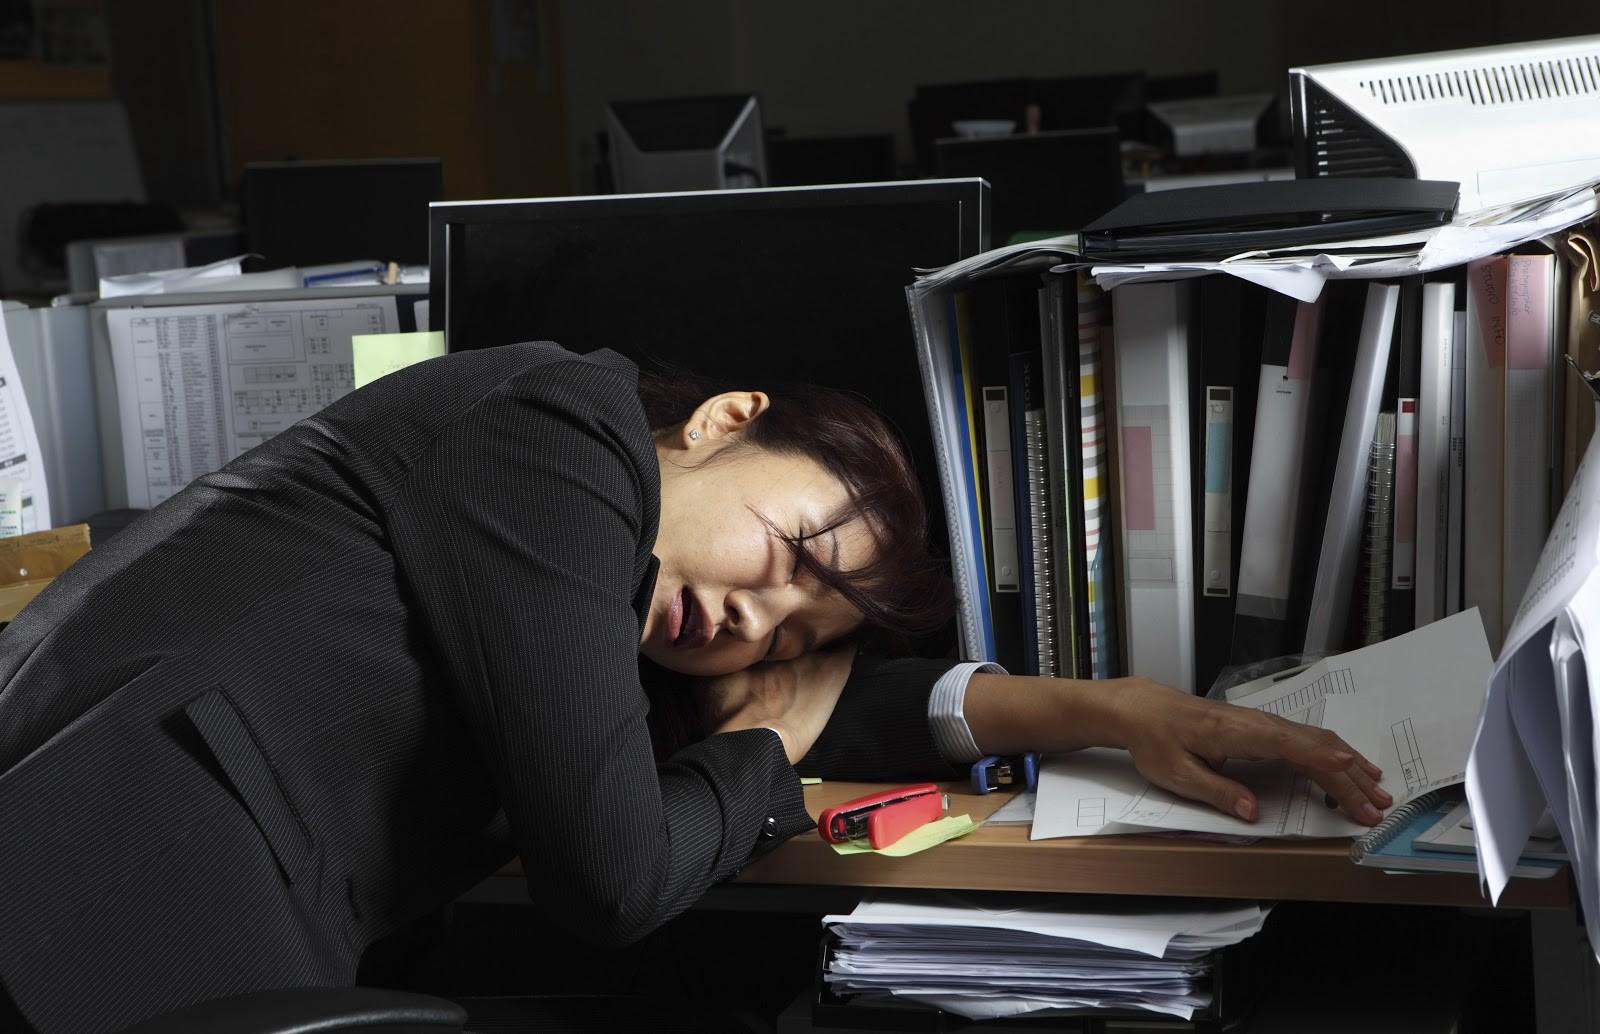 Vì sao nhiều người Nhật lăn ra chết khi đang làm việc?